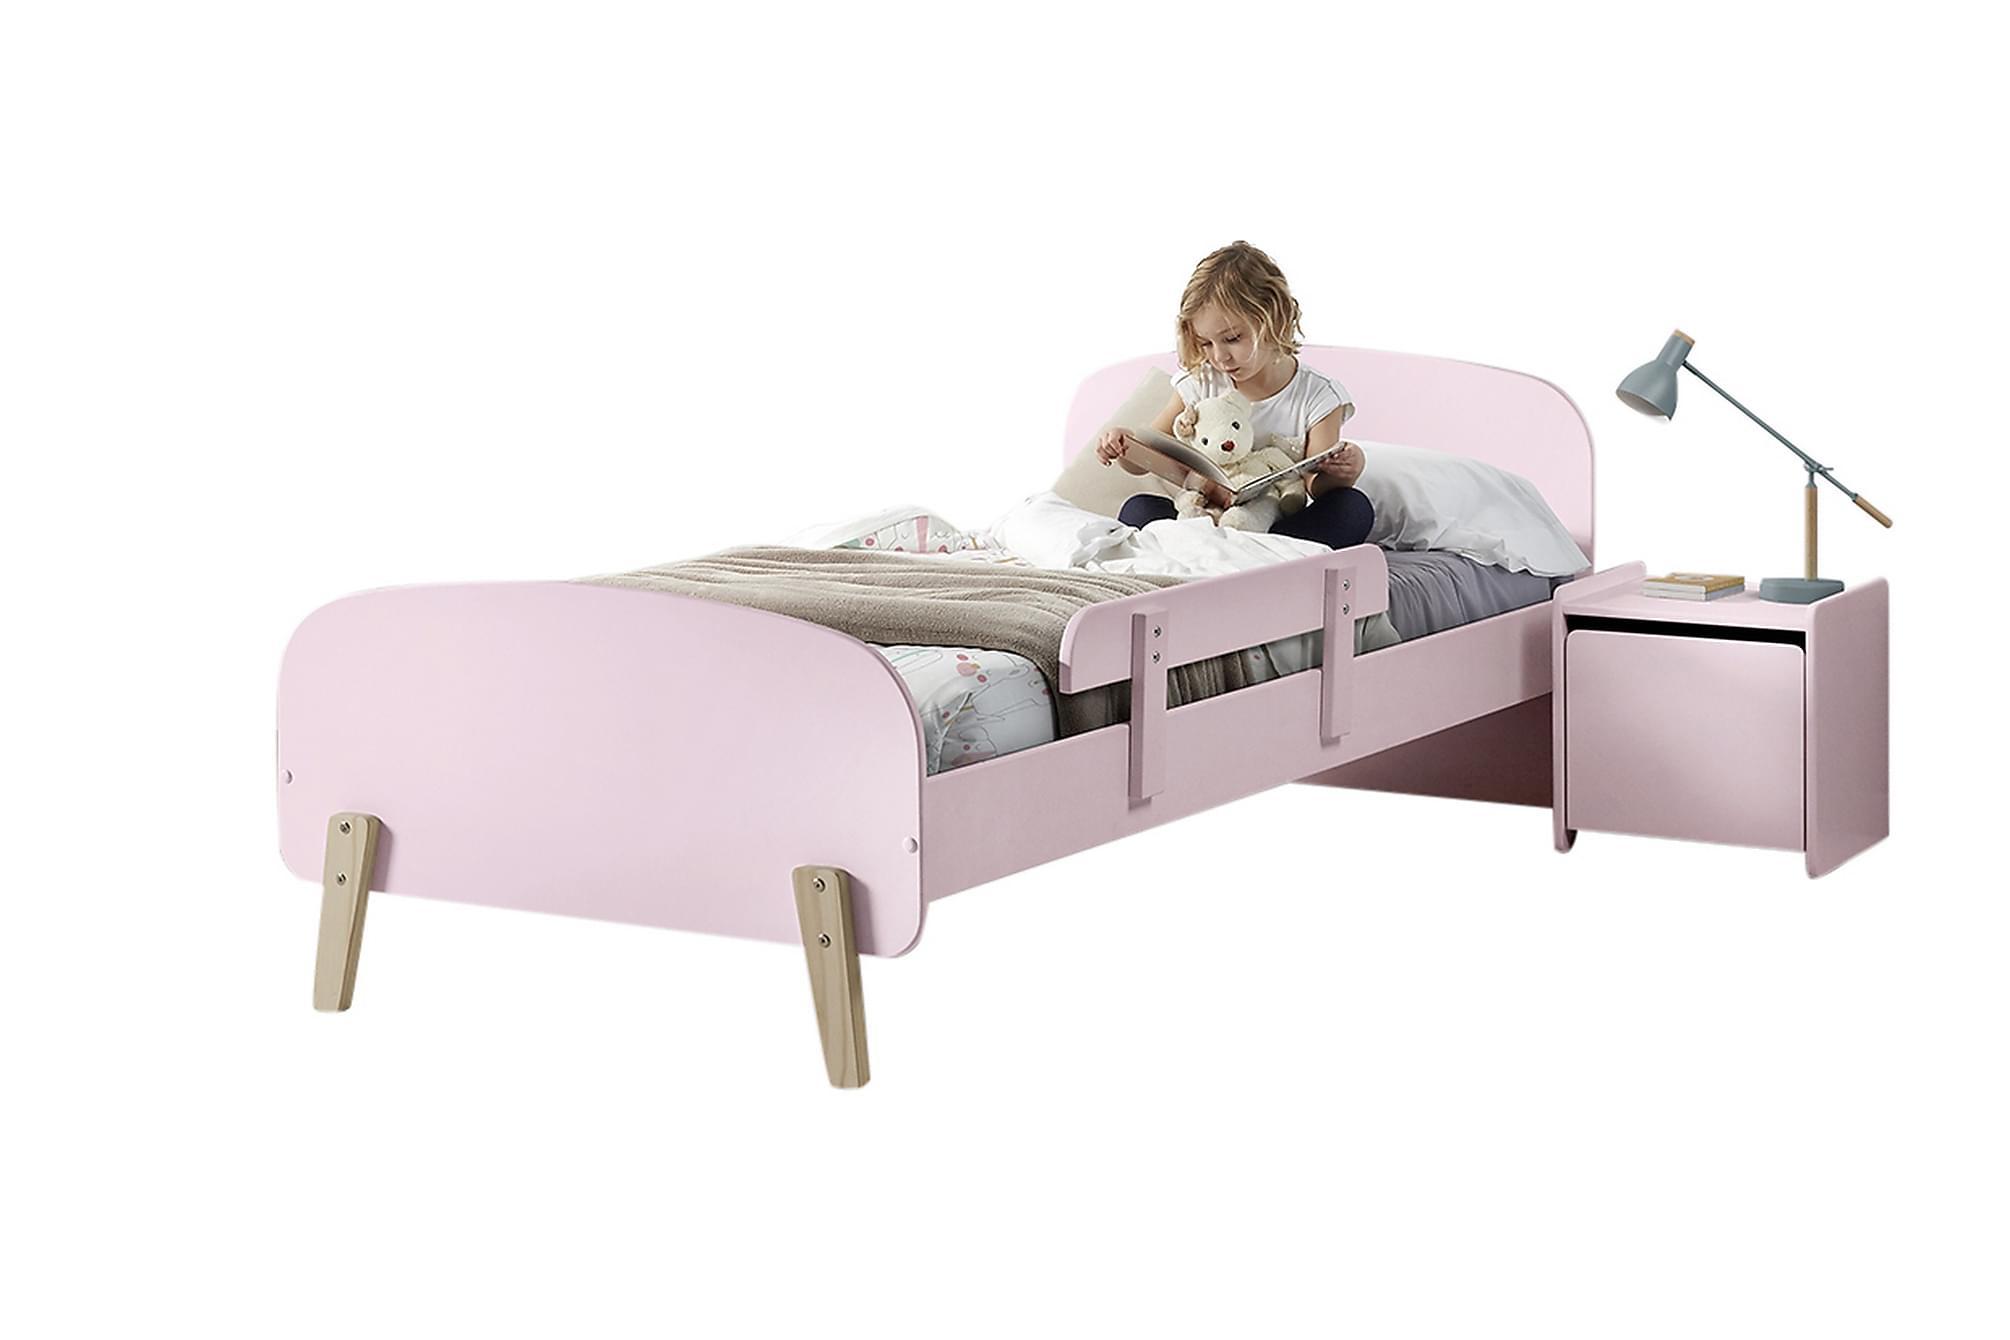 HIPSTOP Sängram Sängbord Säkerhetsbräda Rosa, Möbelset för sovrum